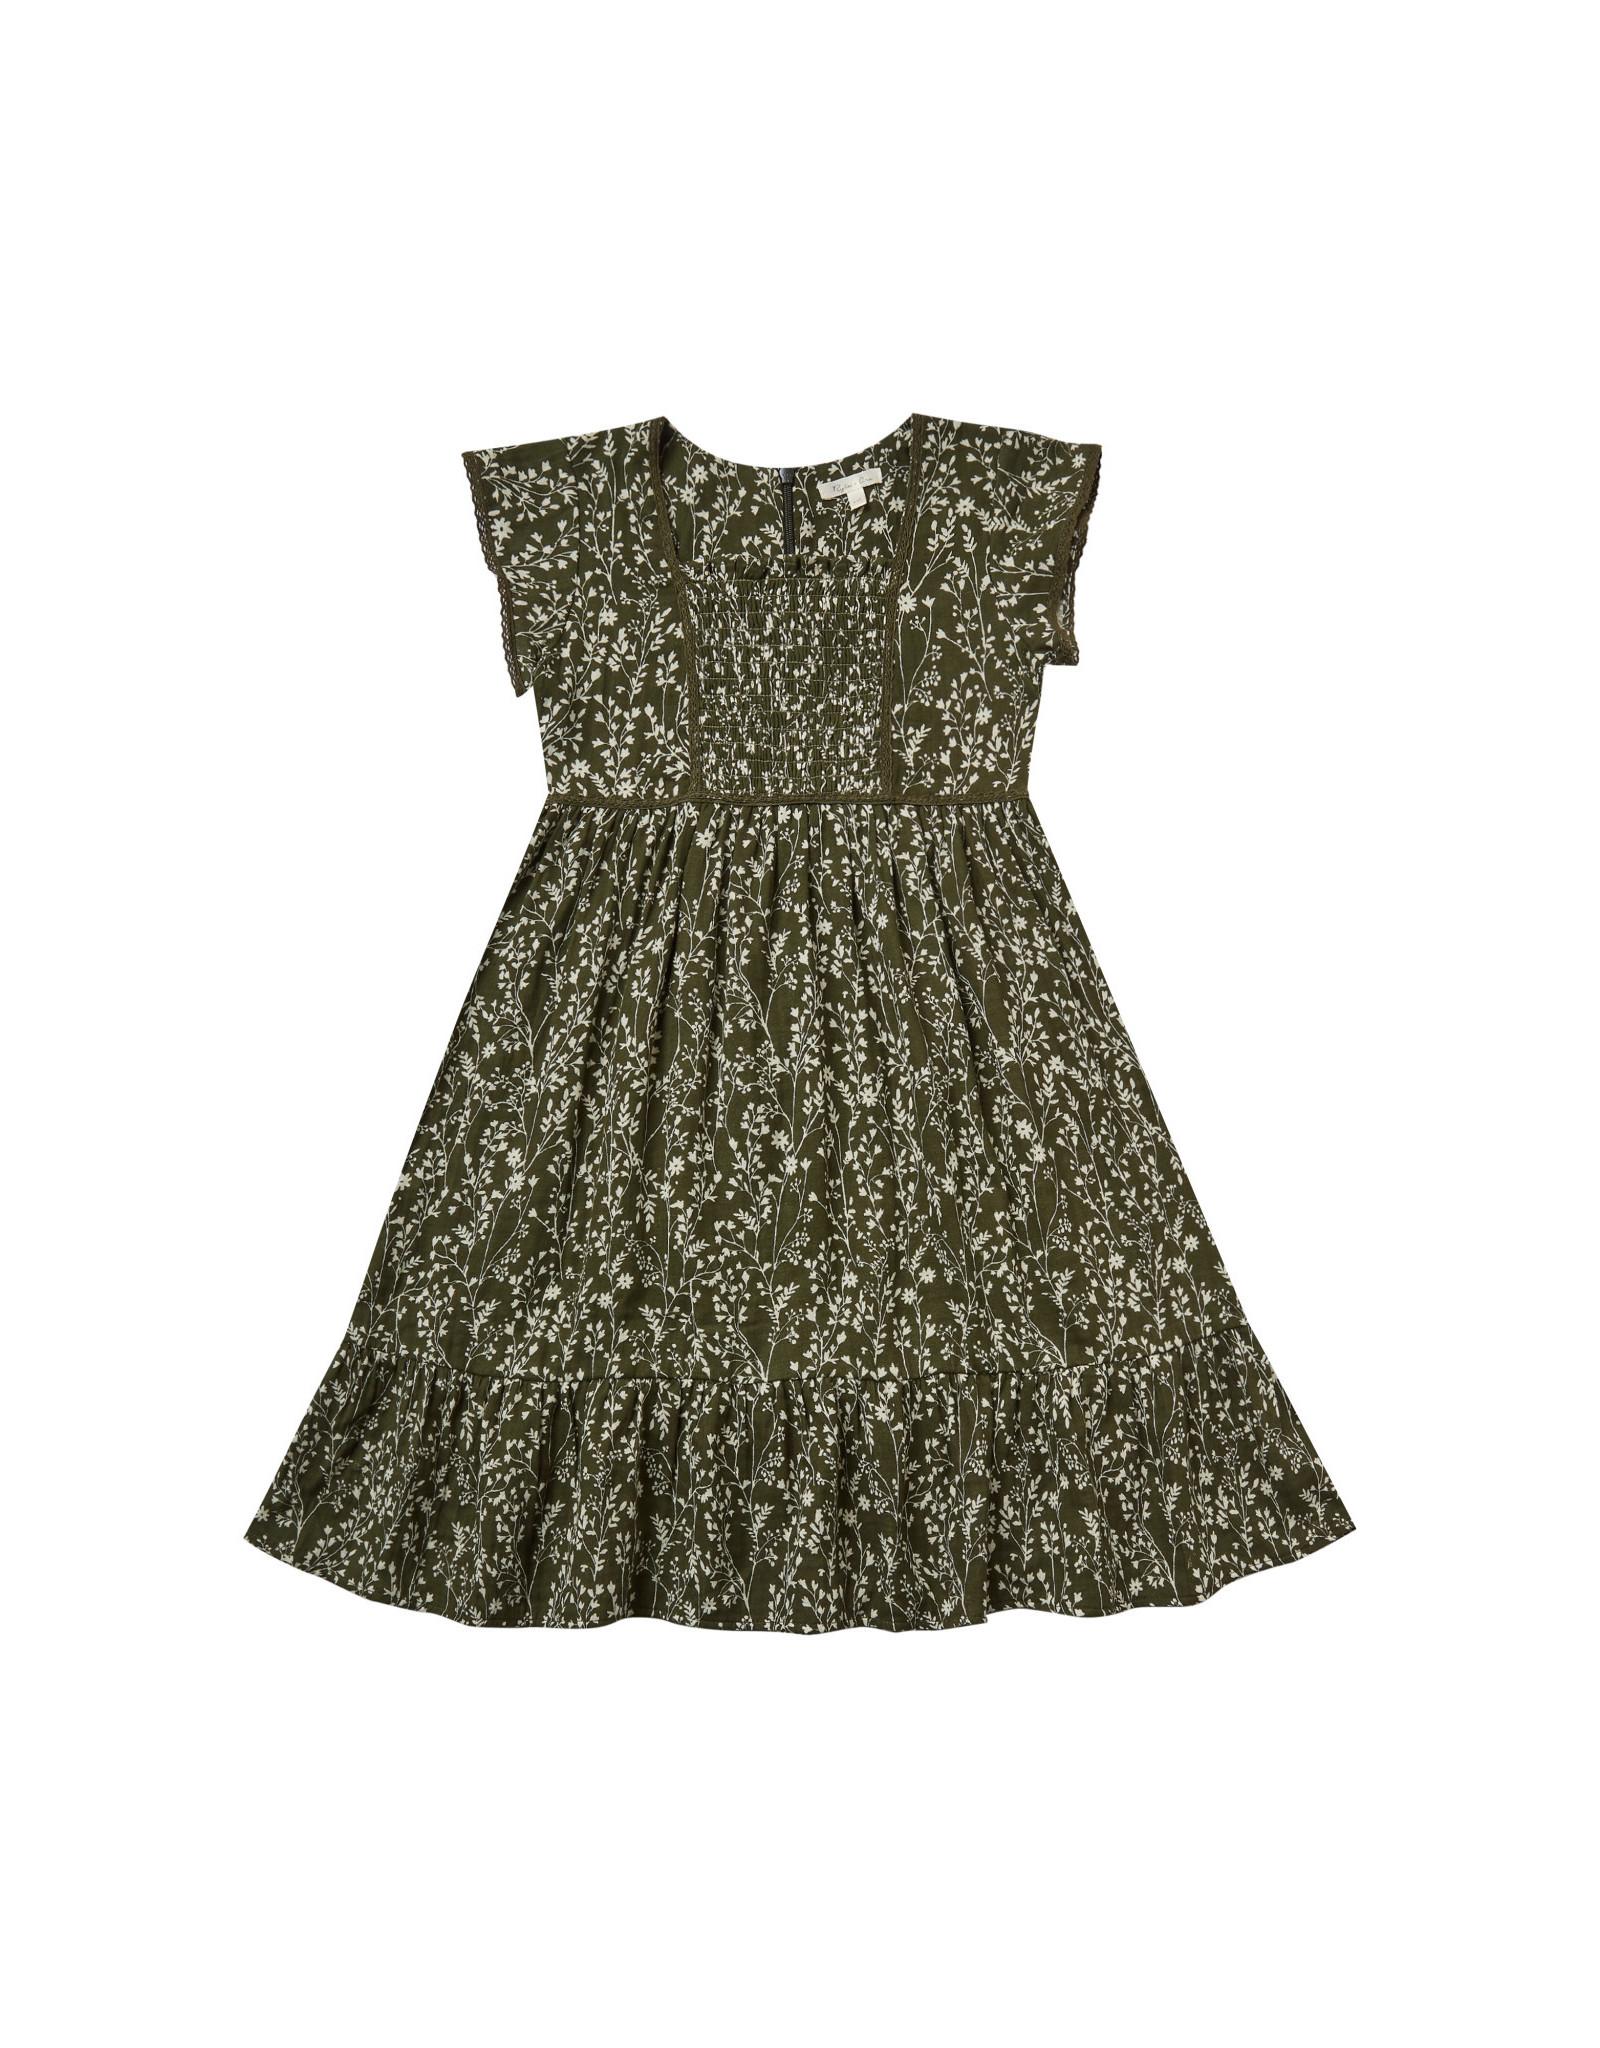 Rylee + Cru Vines Madeline Dress, Forest